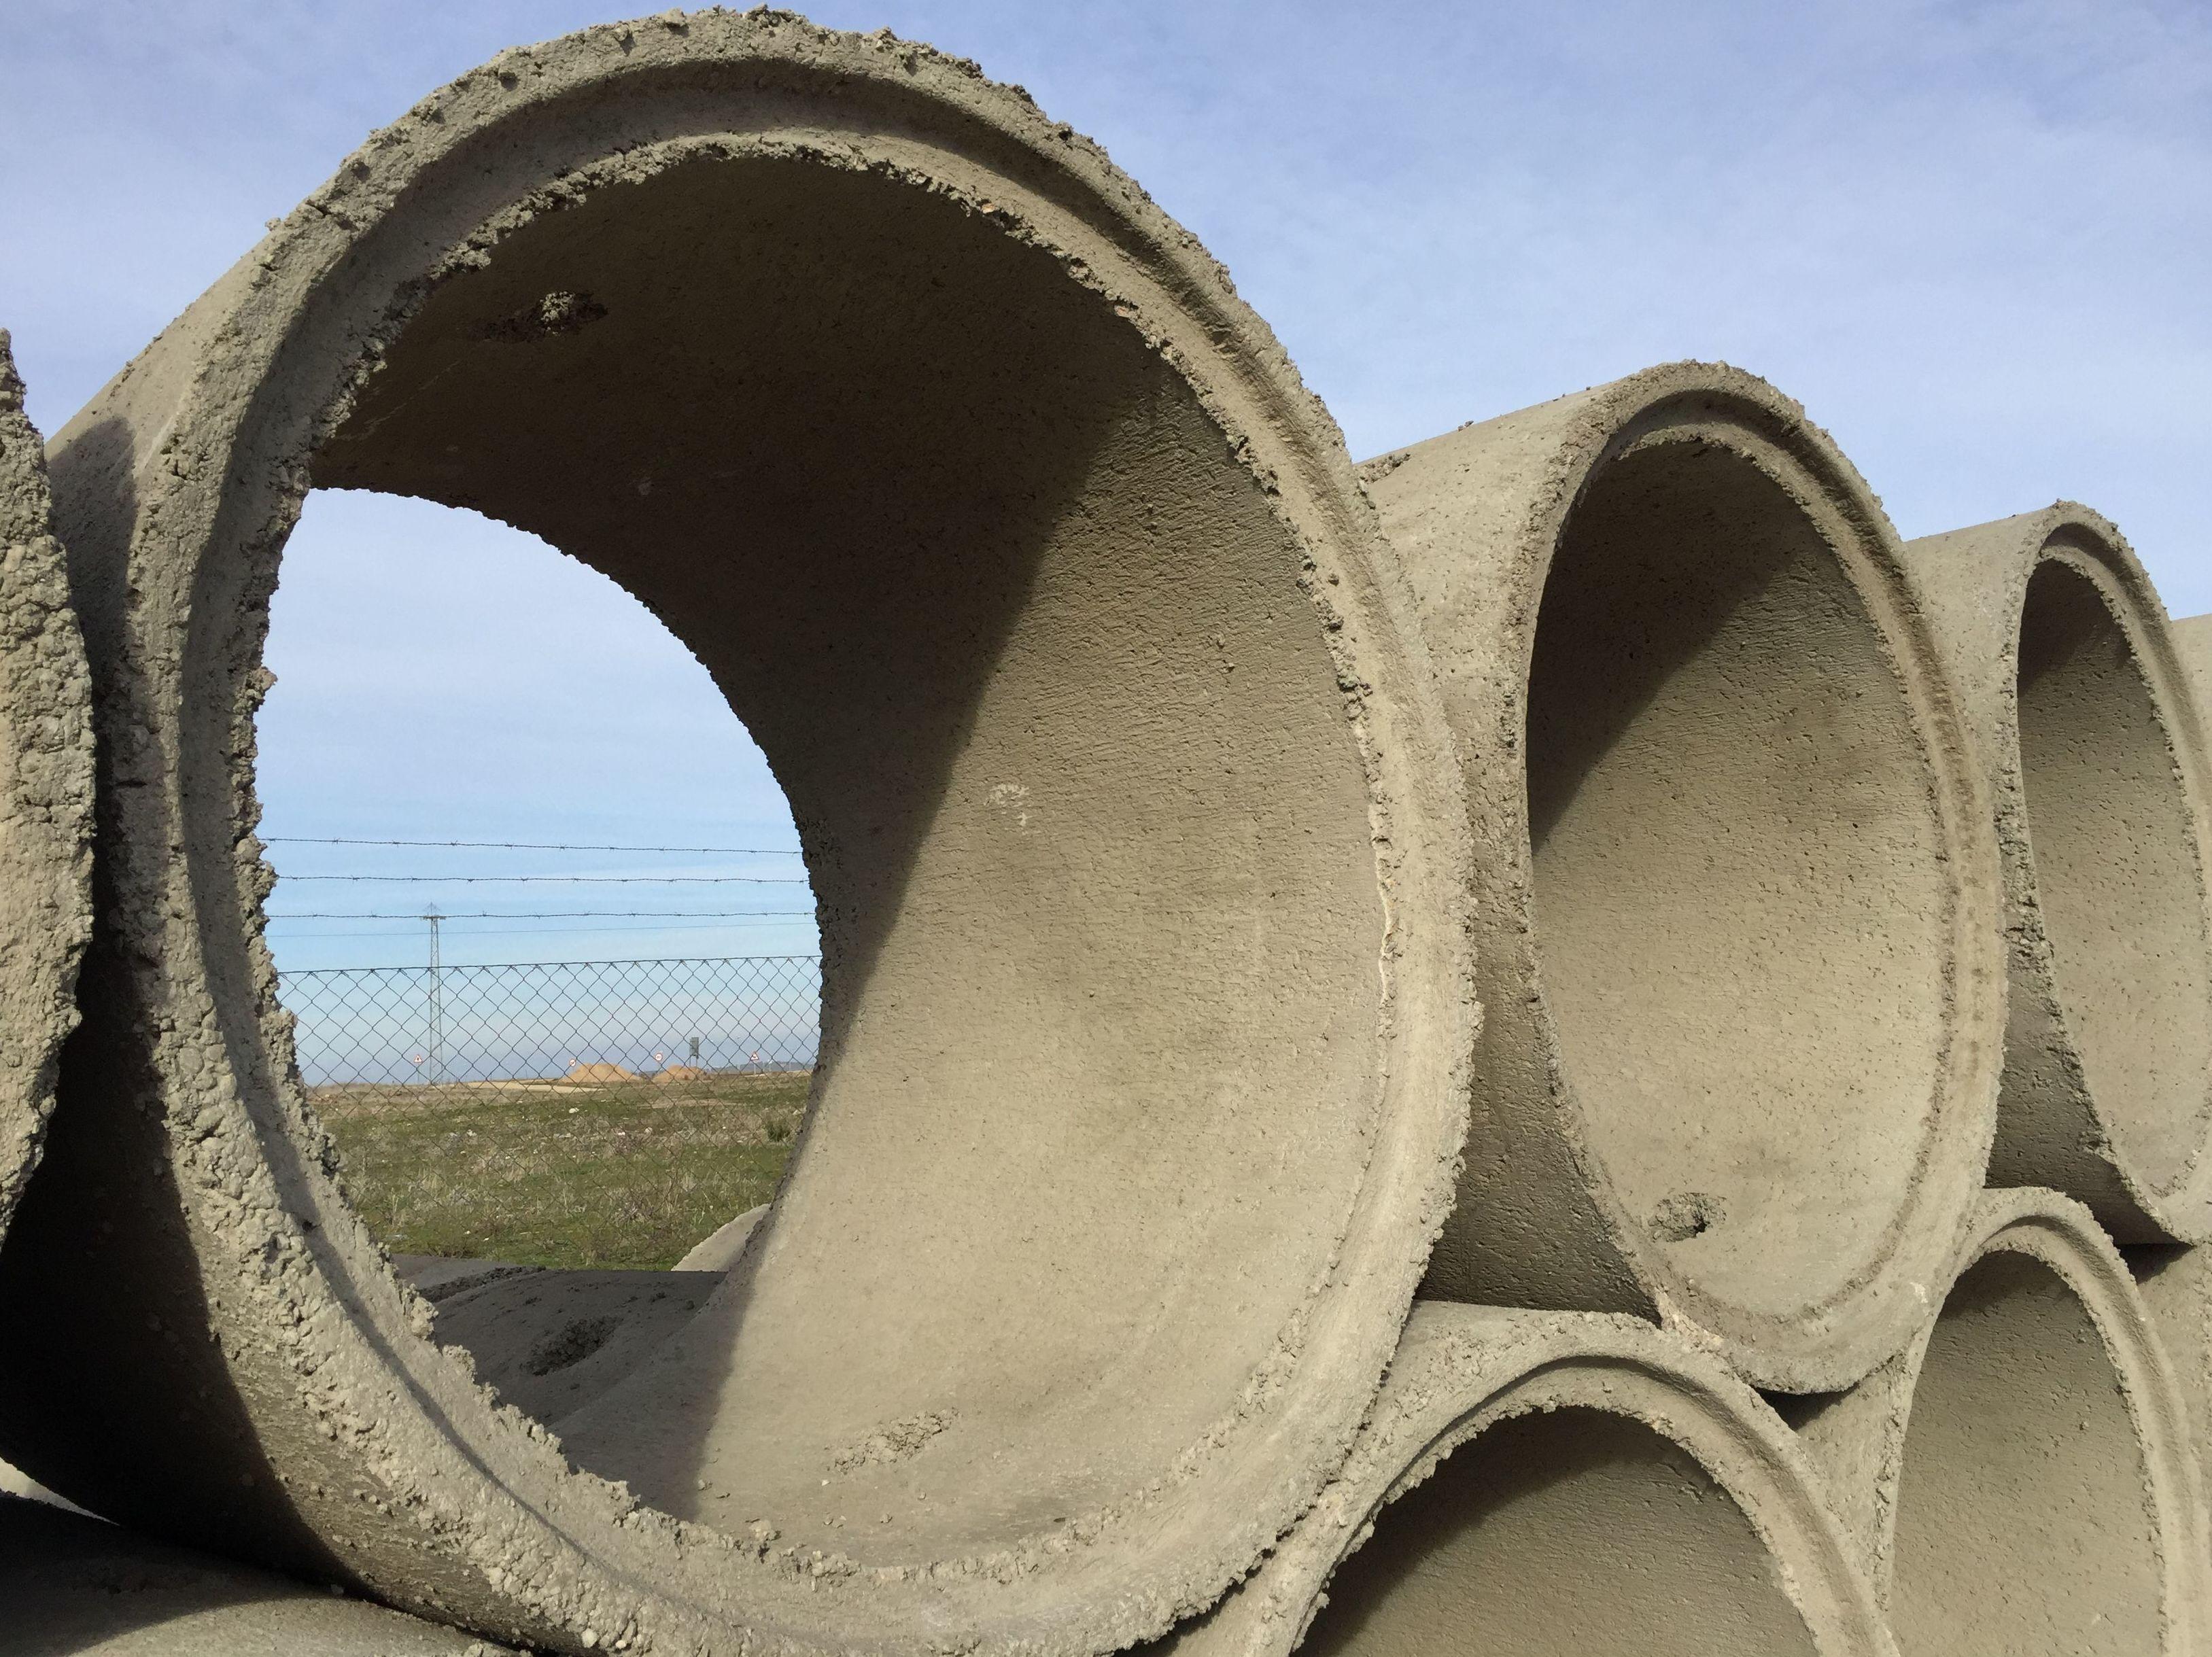 Tuberías de hormigón para desagües y sistemas de conducción